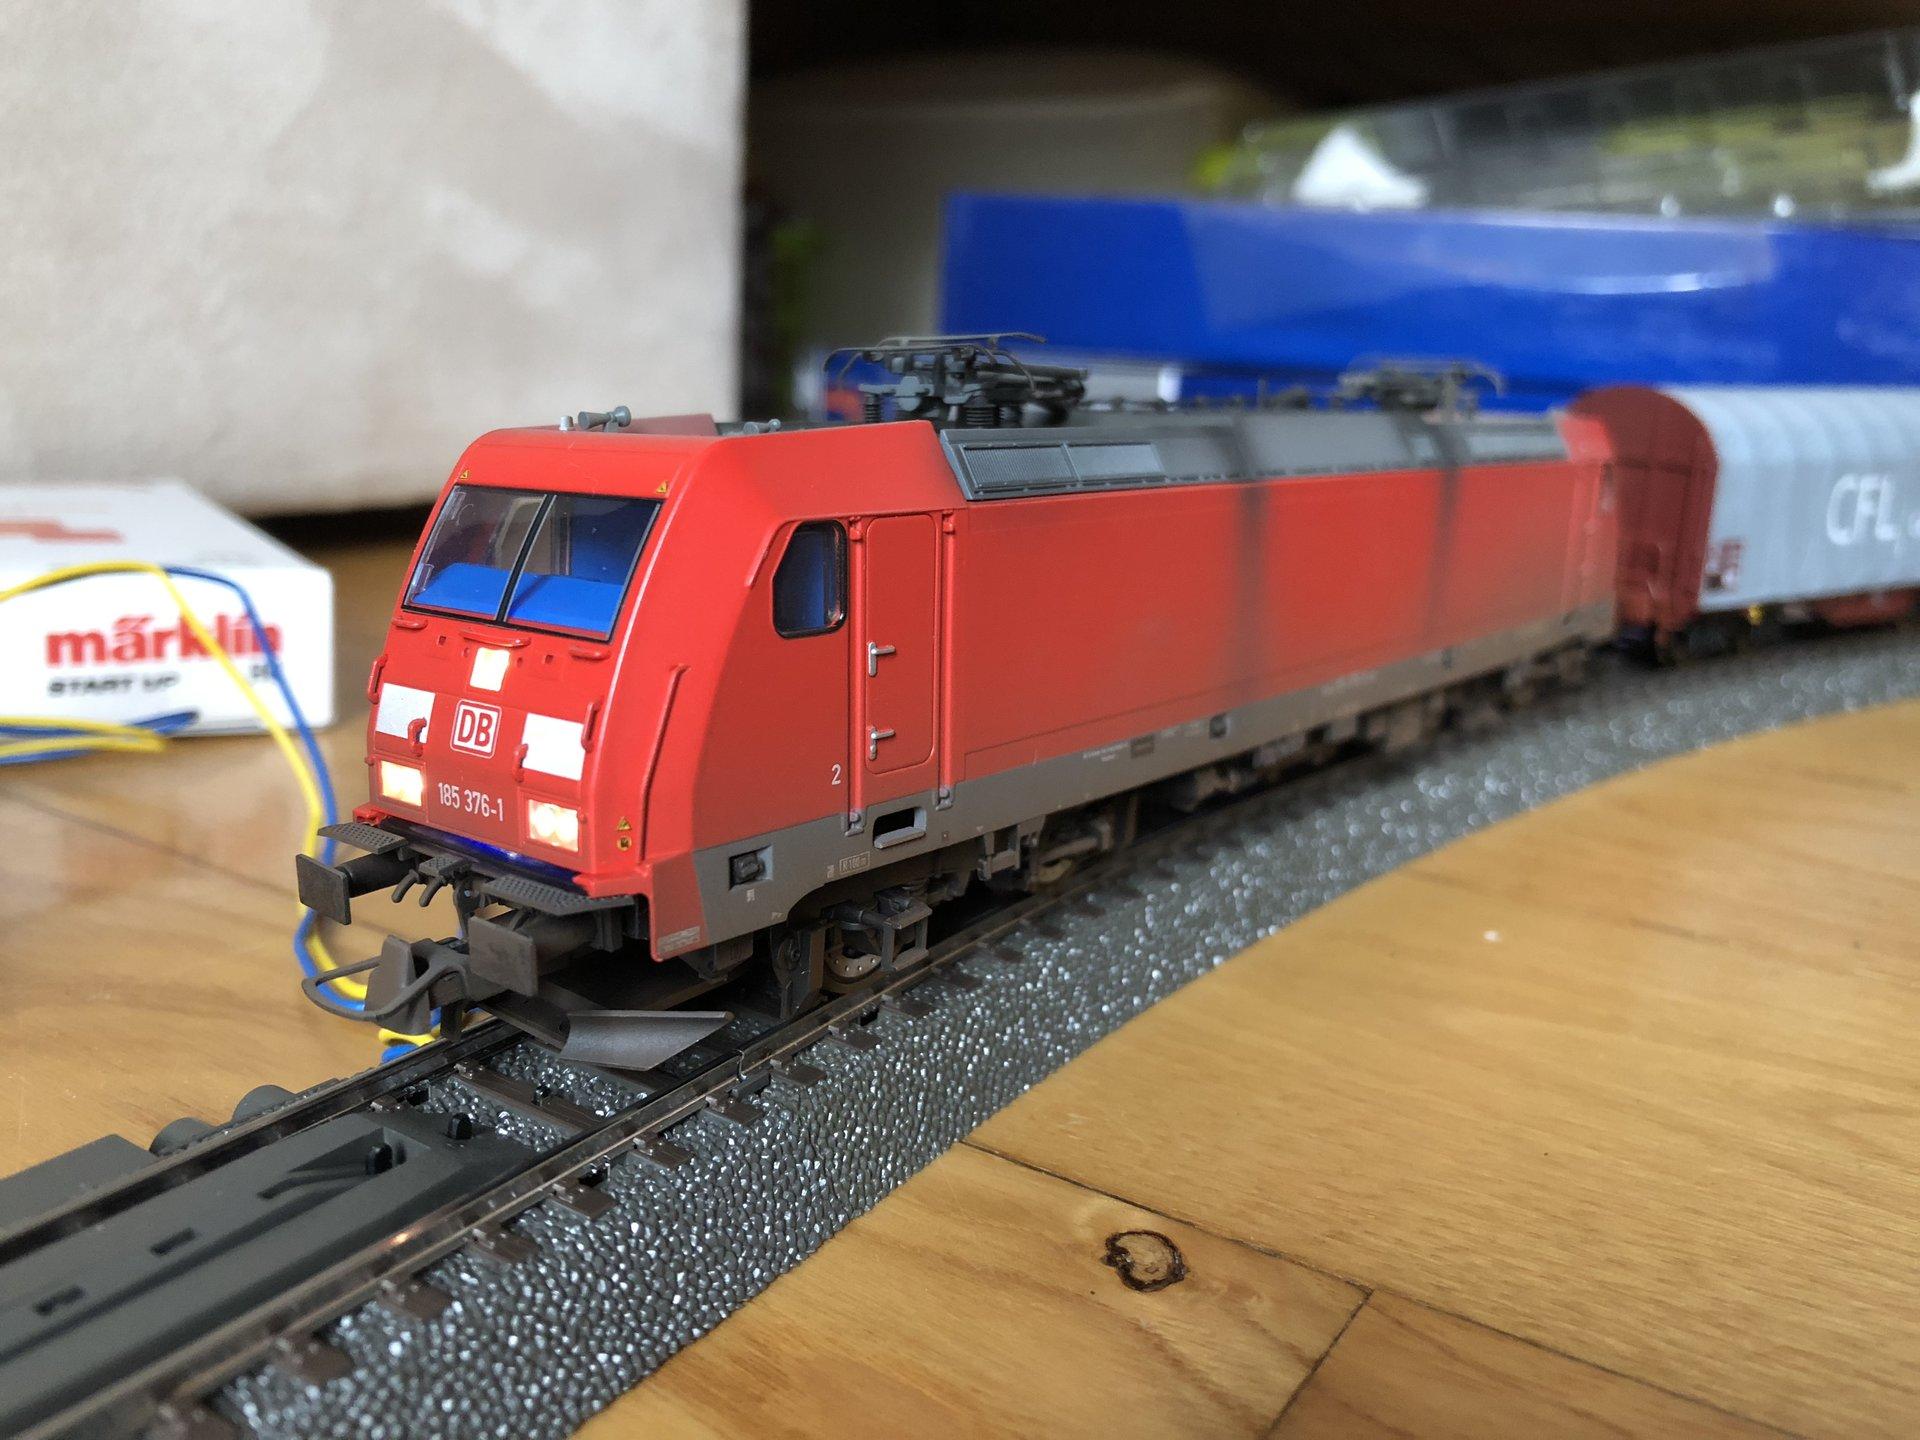 A1B9017F-1F01-471F-95DA-B5F938E57B9D.jpeg